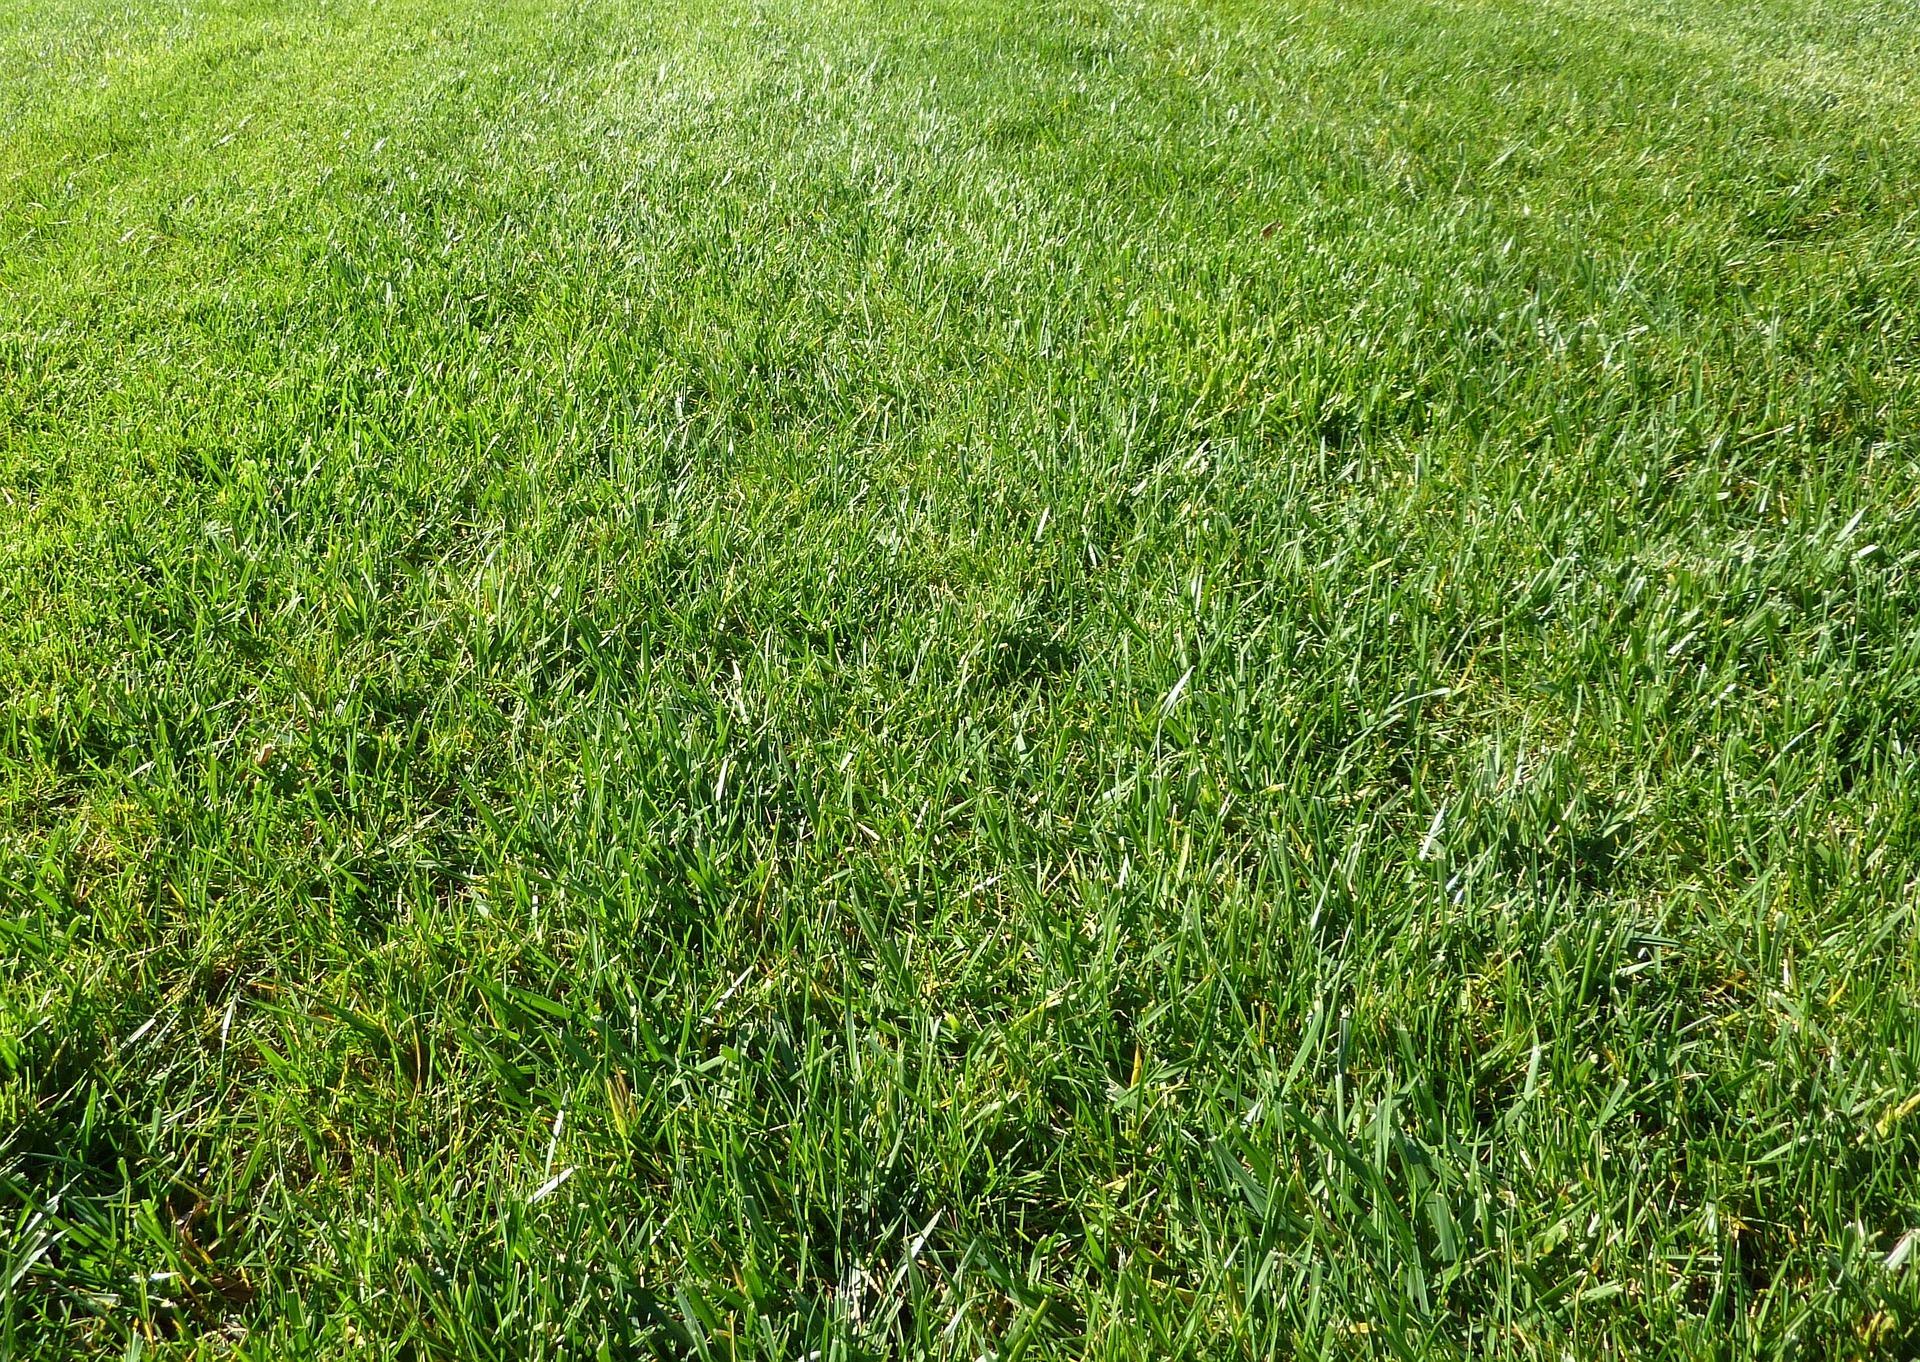 Удобрение газона и растений в саду: 5 самых распространенных ошибок